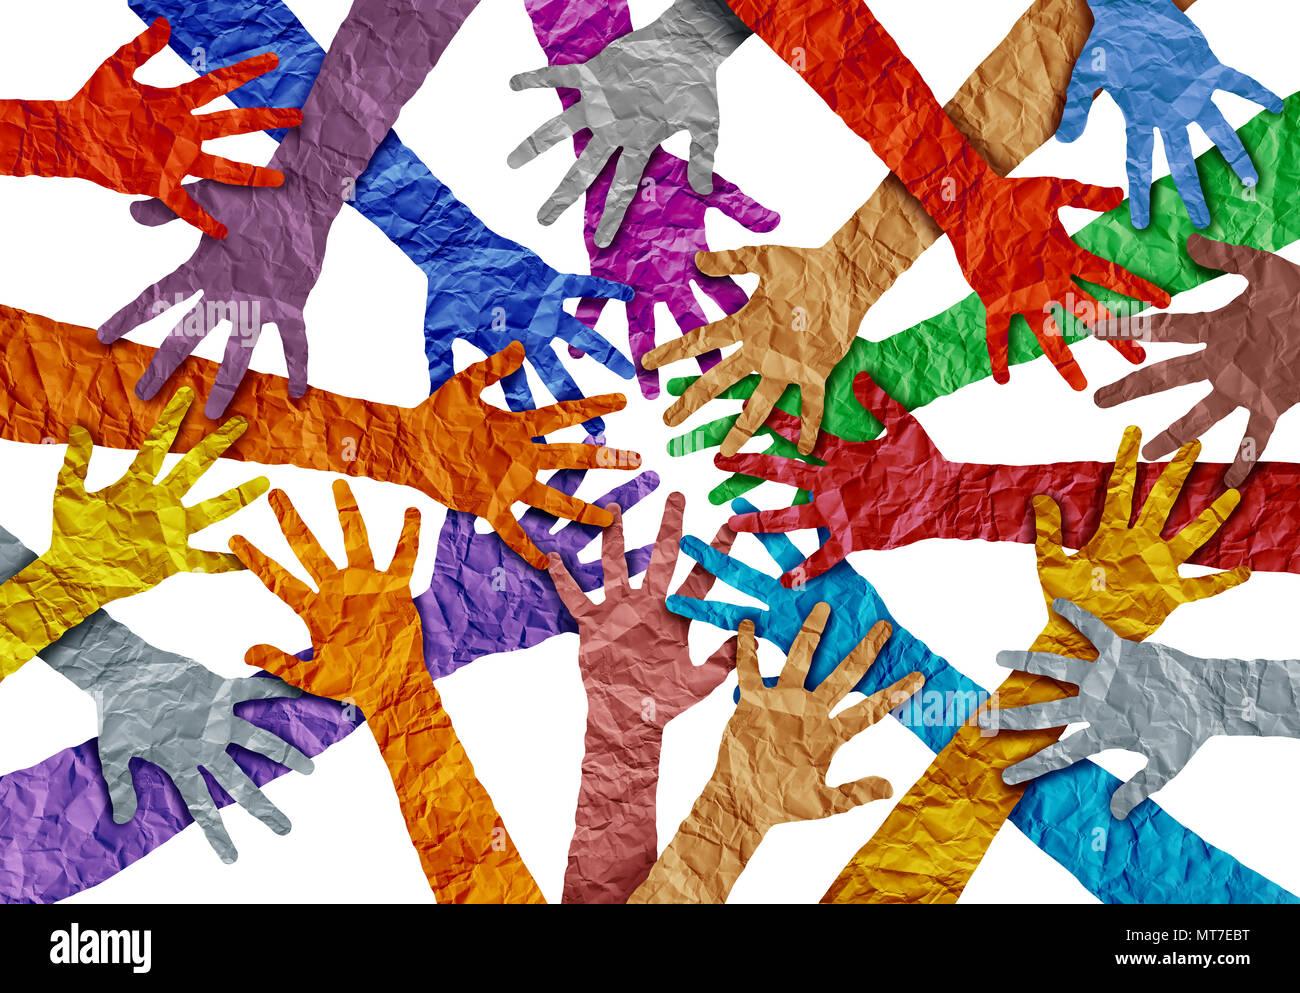 Konzept der Vielfalt und Menge Zusammenarbeit Symbol so vielfältig die Hände zusammen, die in einer 3D-Darstellung. Stockbild